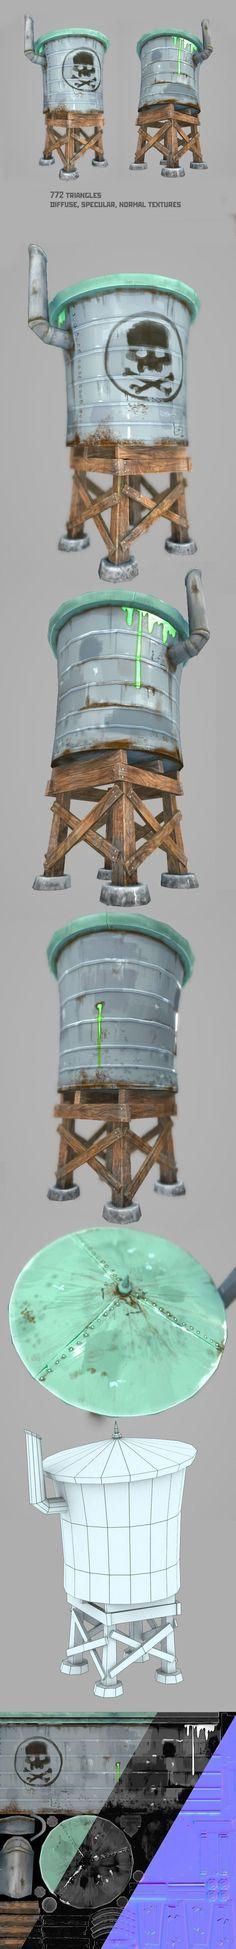 3D Models - Water Tower | 3DOcean